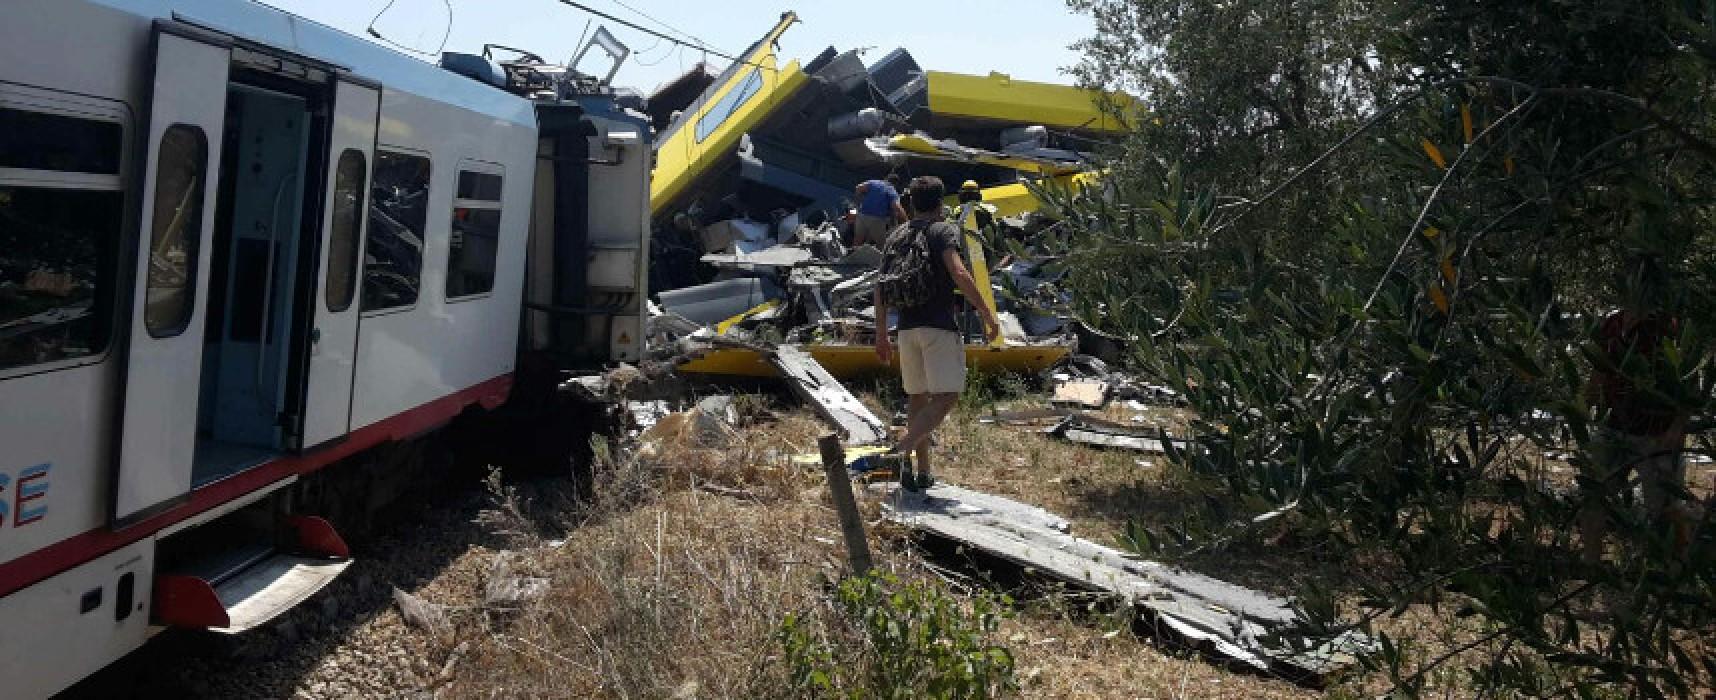 """Tragedia ferroviaria Corato, la testimonianza di un soccorritore biscegliese: """"Scenario apocalittico"""""""